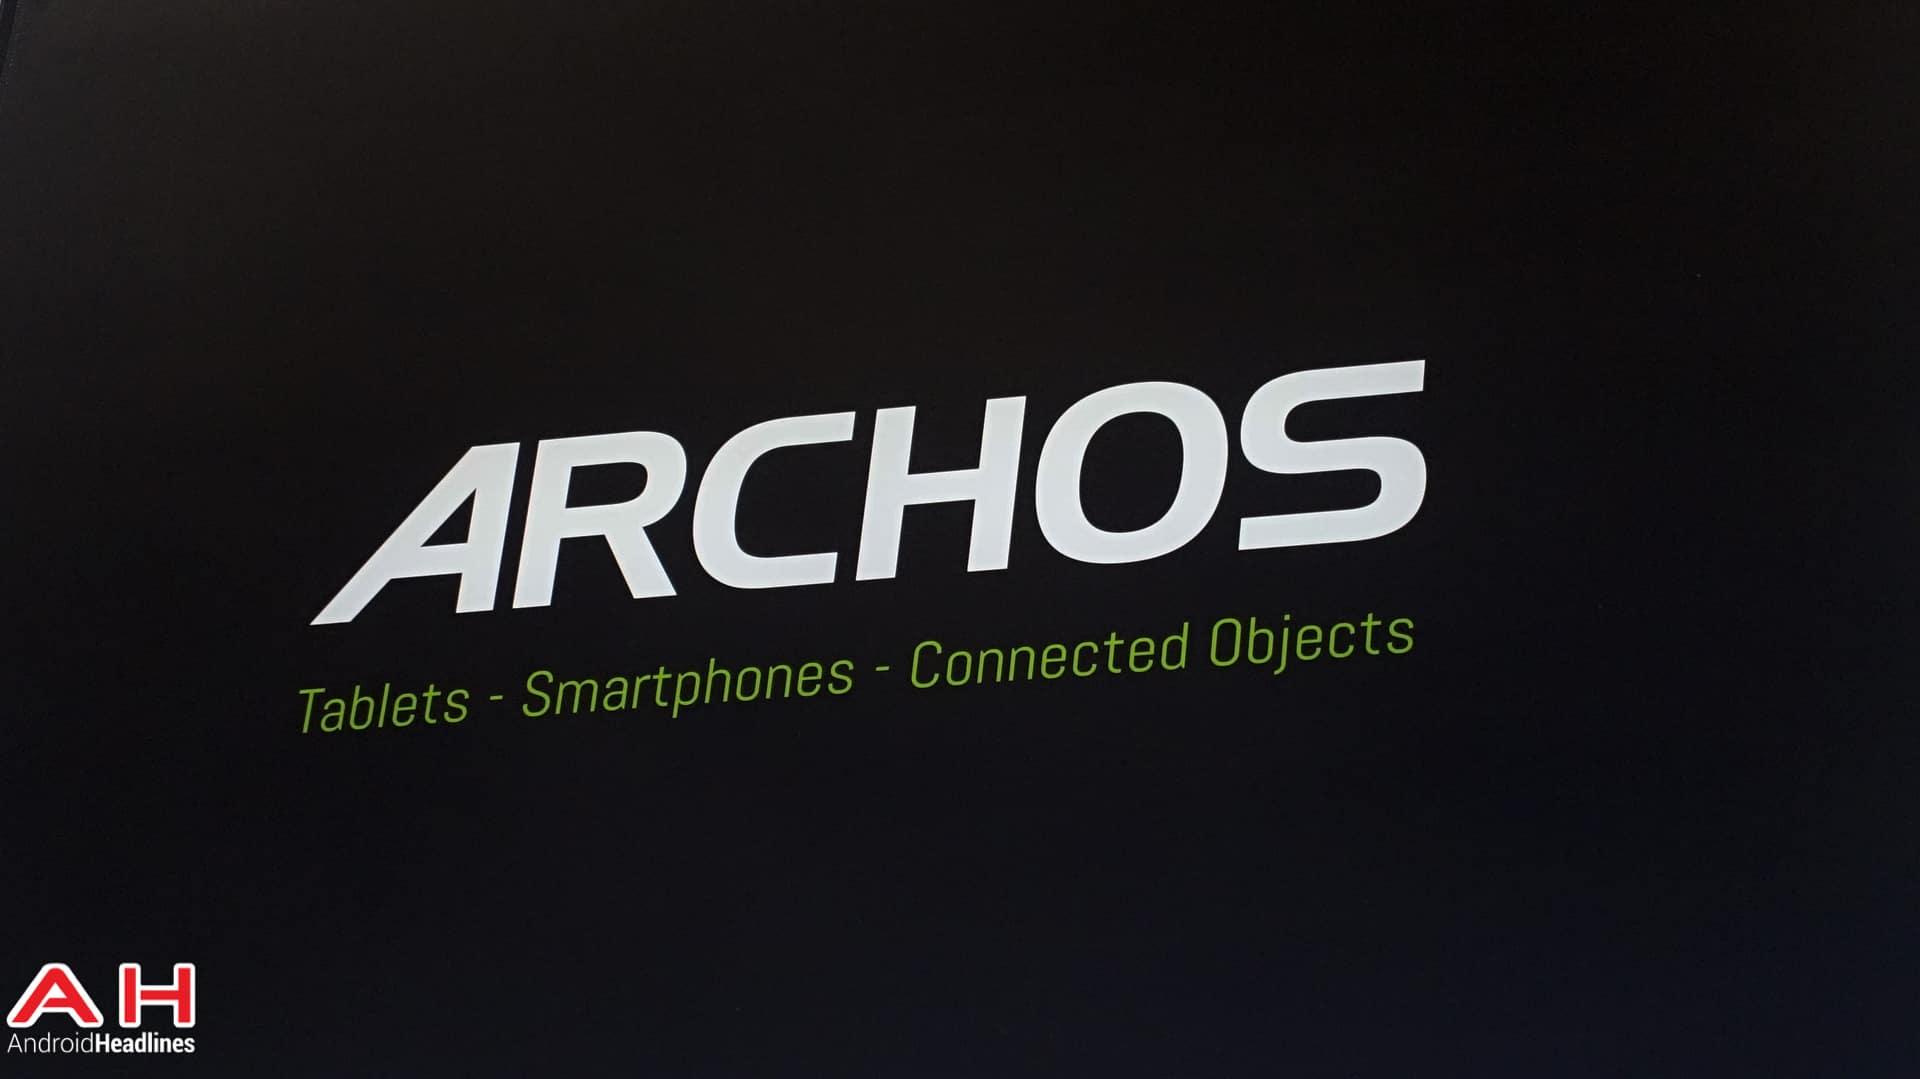 Archos-Logo-AH2